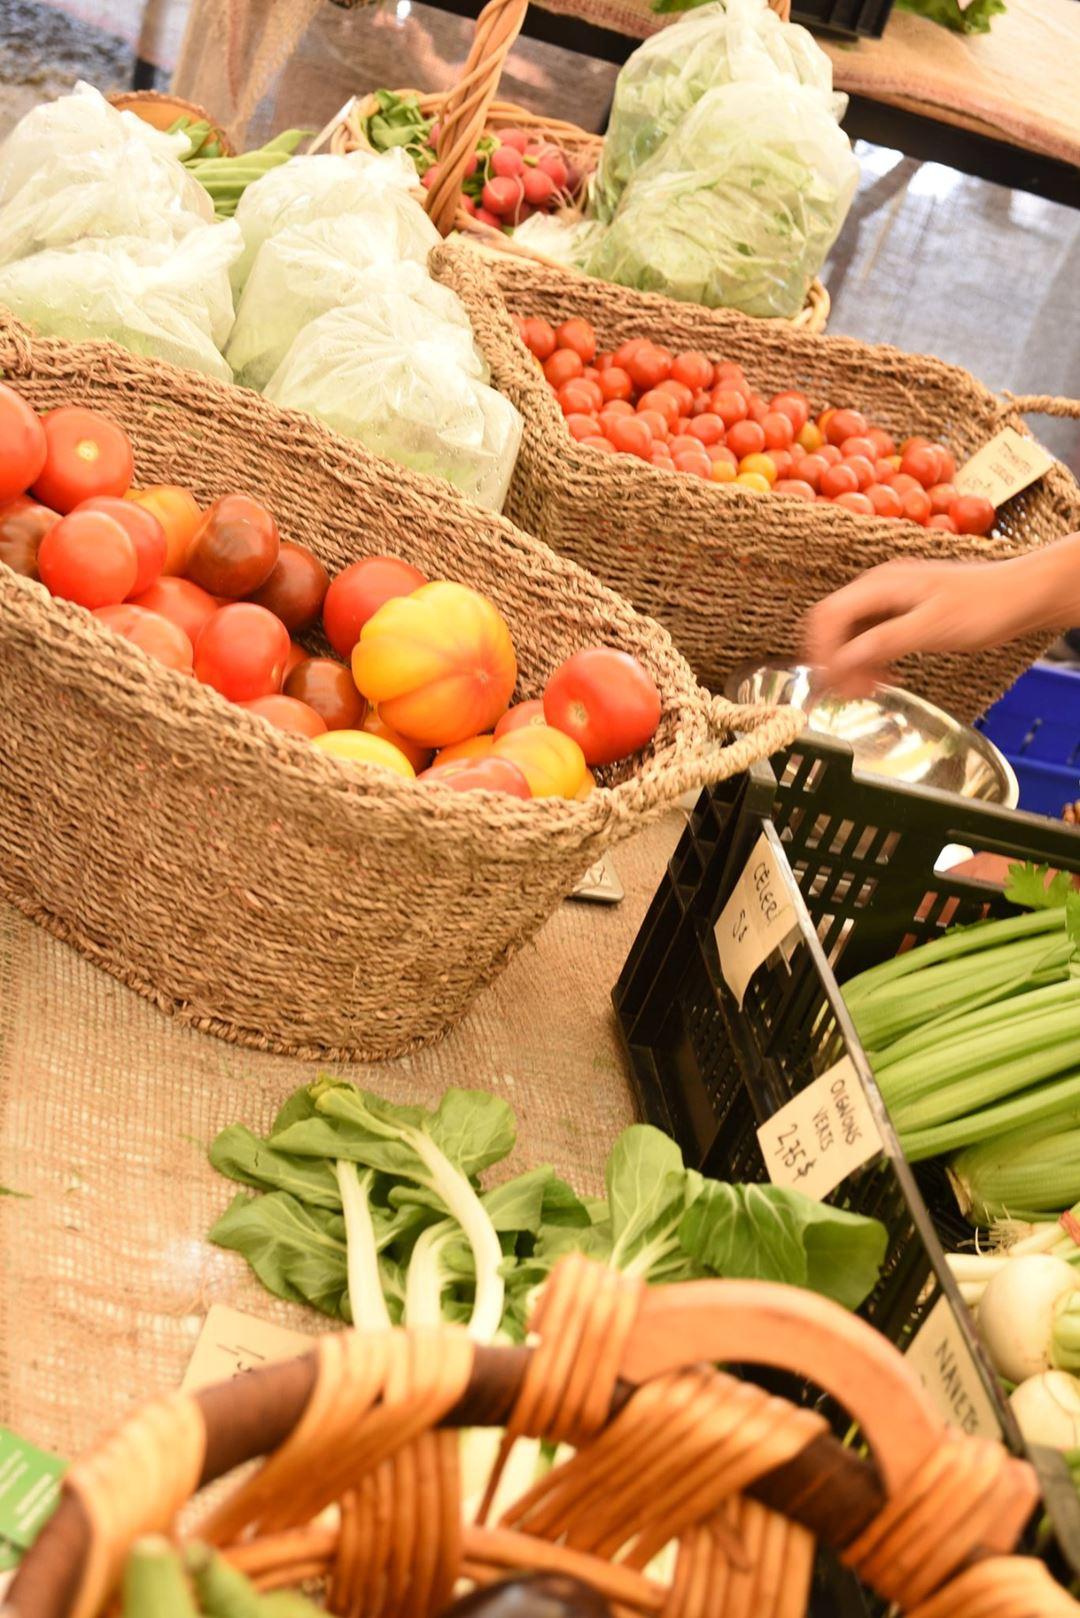 Étalage de légumes au Marché public authentique de Notre-Dame-de-la-Merci